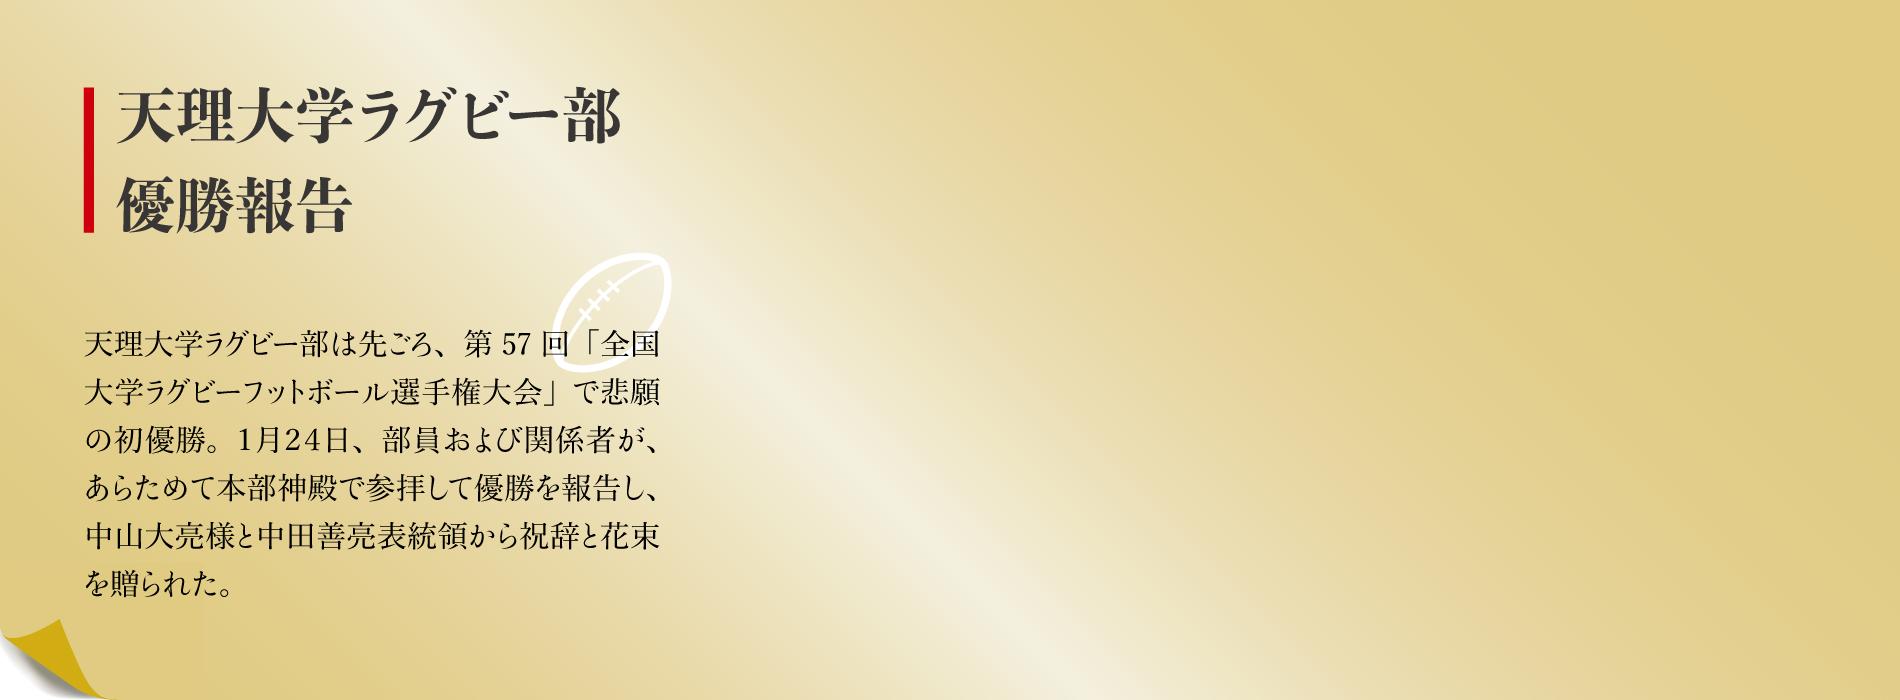 天理大学ラグビー部は先ごろ、第57回「全国大学ラグビーフットボール選手権大会」で悲願の初優勝。1月24日、部員および関係者が、あらためて本部神殿で参拝して優勝を報告し、中山大亮様と中田善亮表統領から祝辞と花束を贈られた。